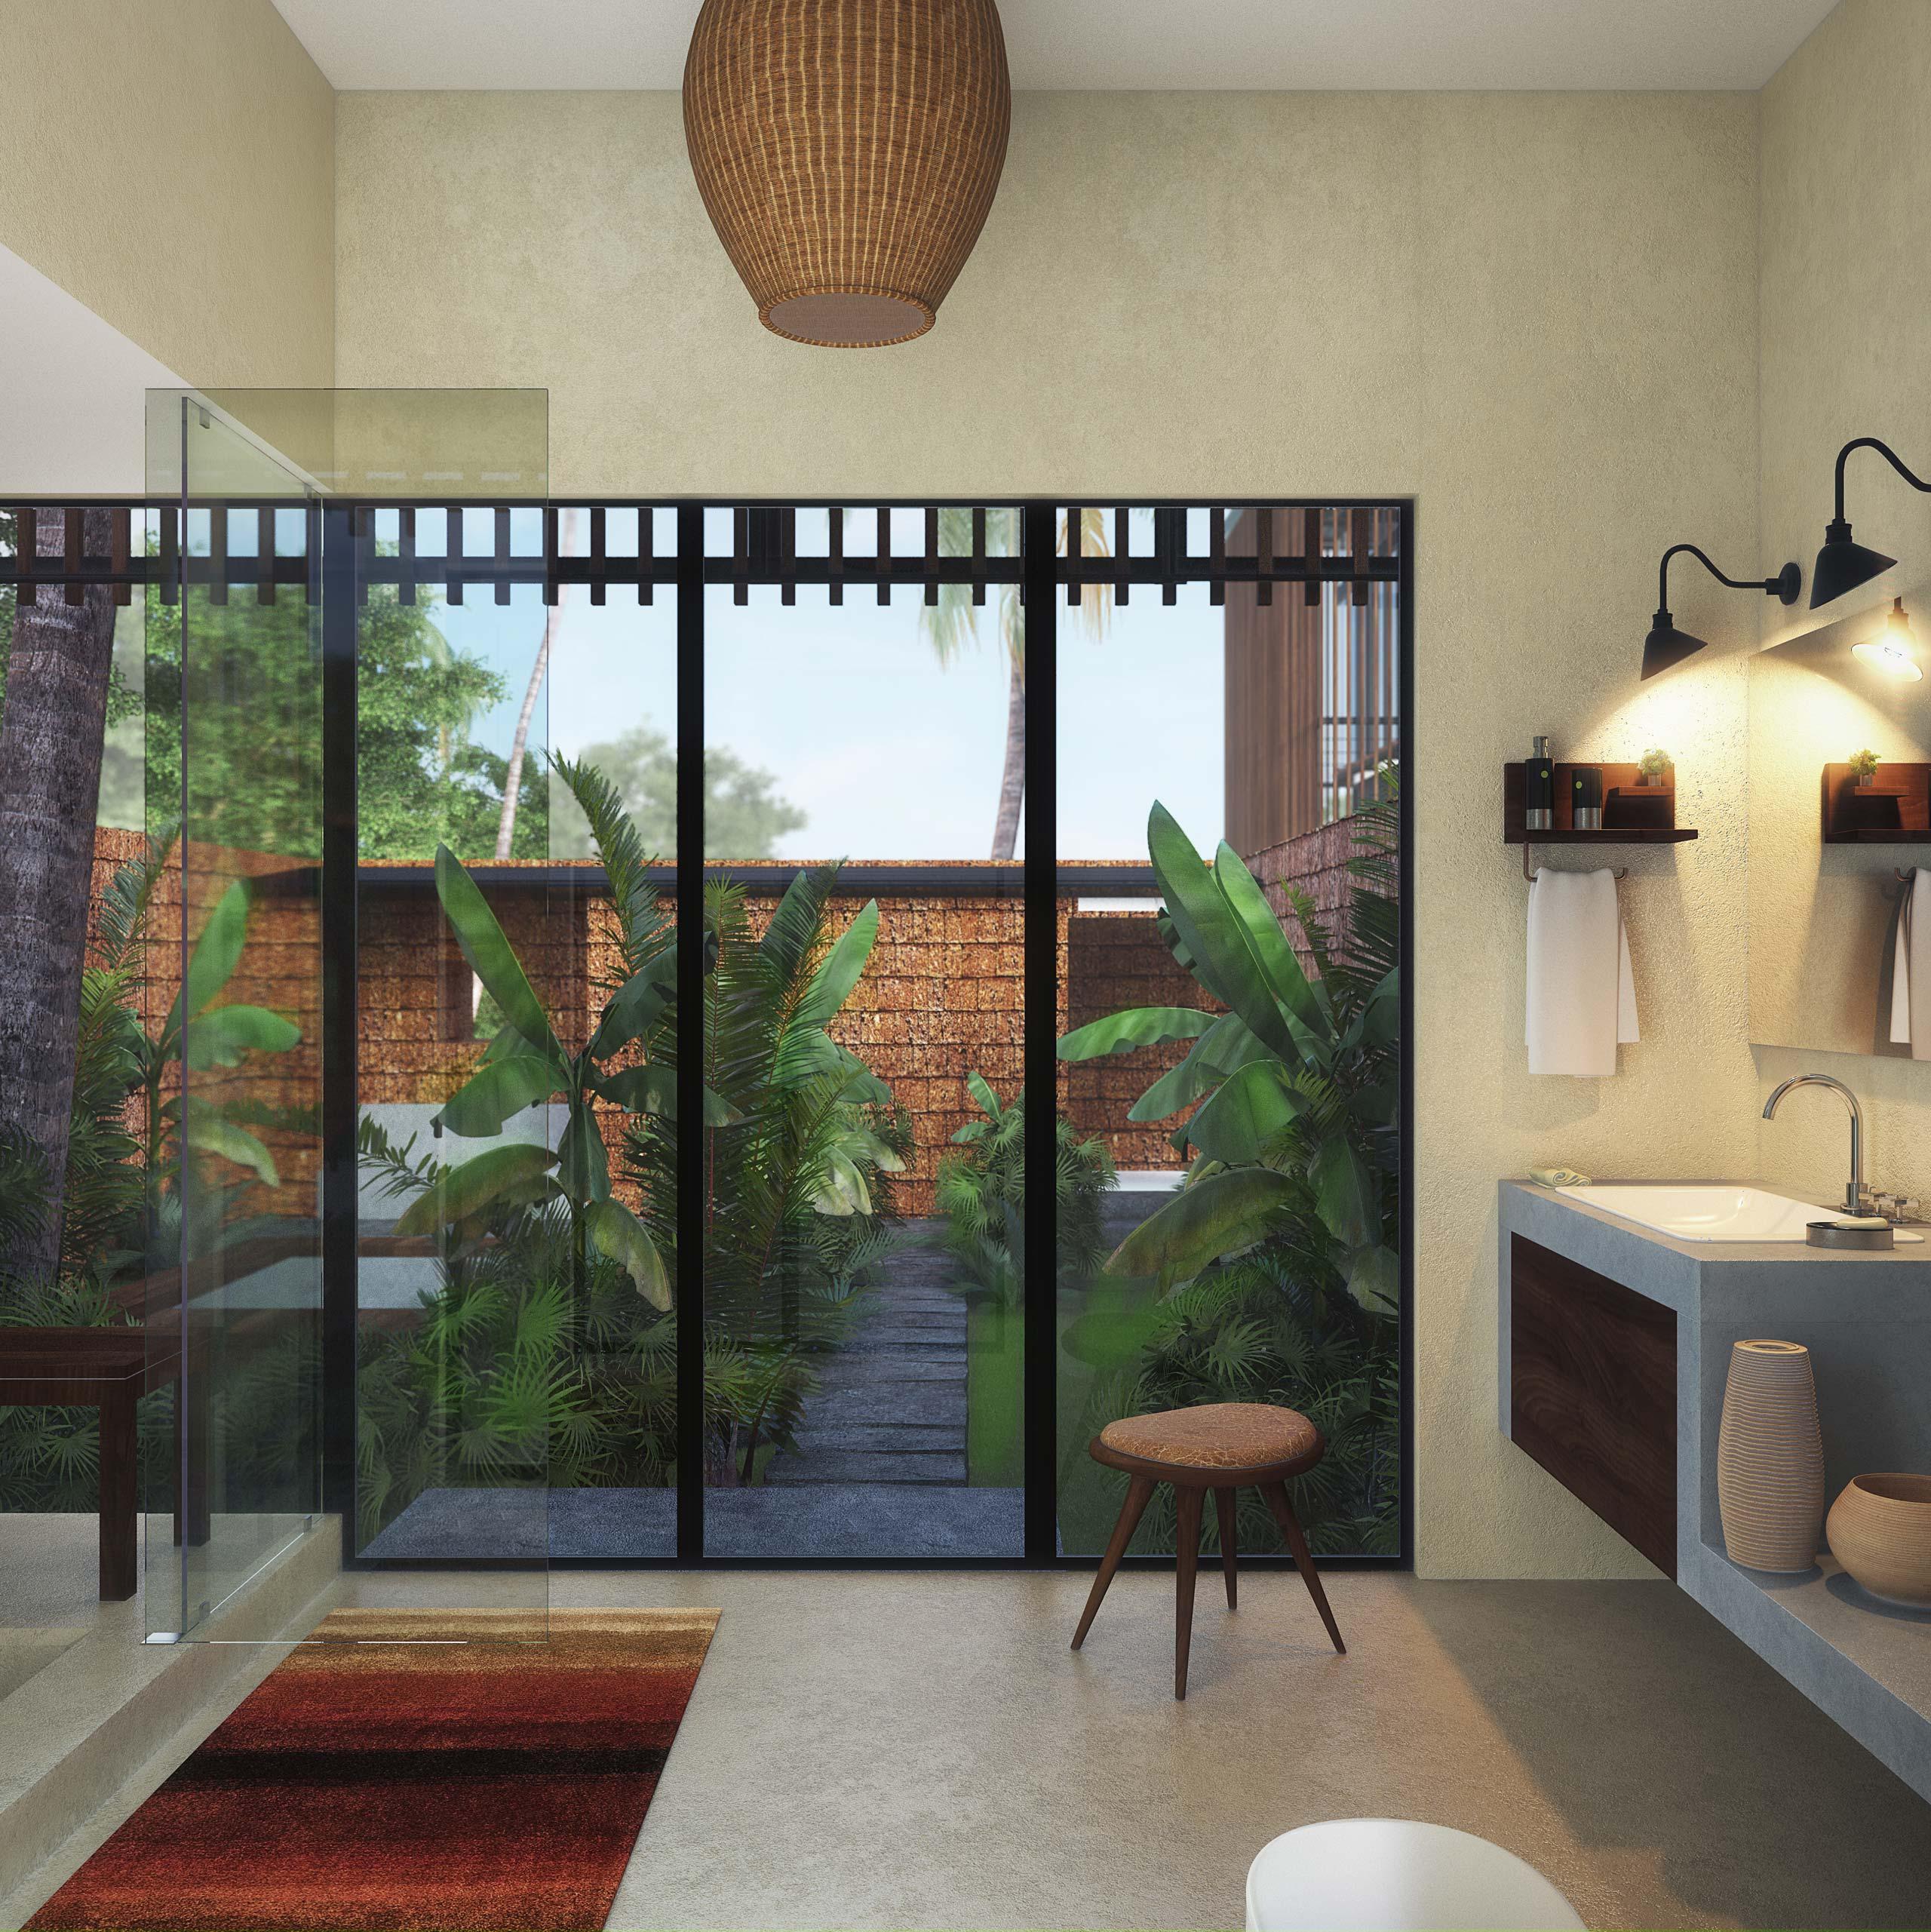 Outdoor Courtyard Bathroom Waikiki Wetland Resort